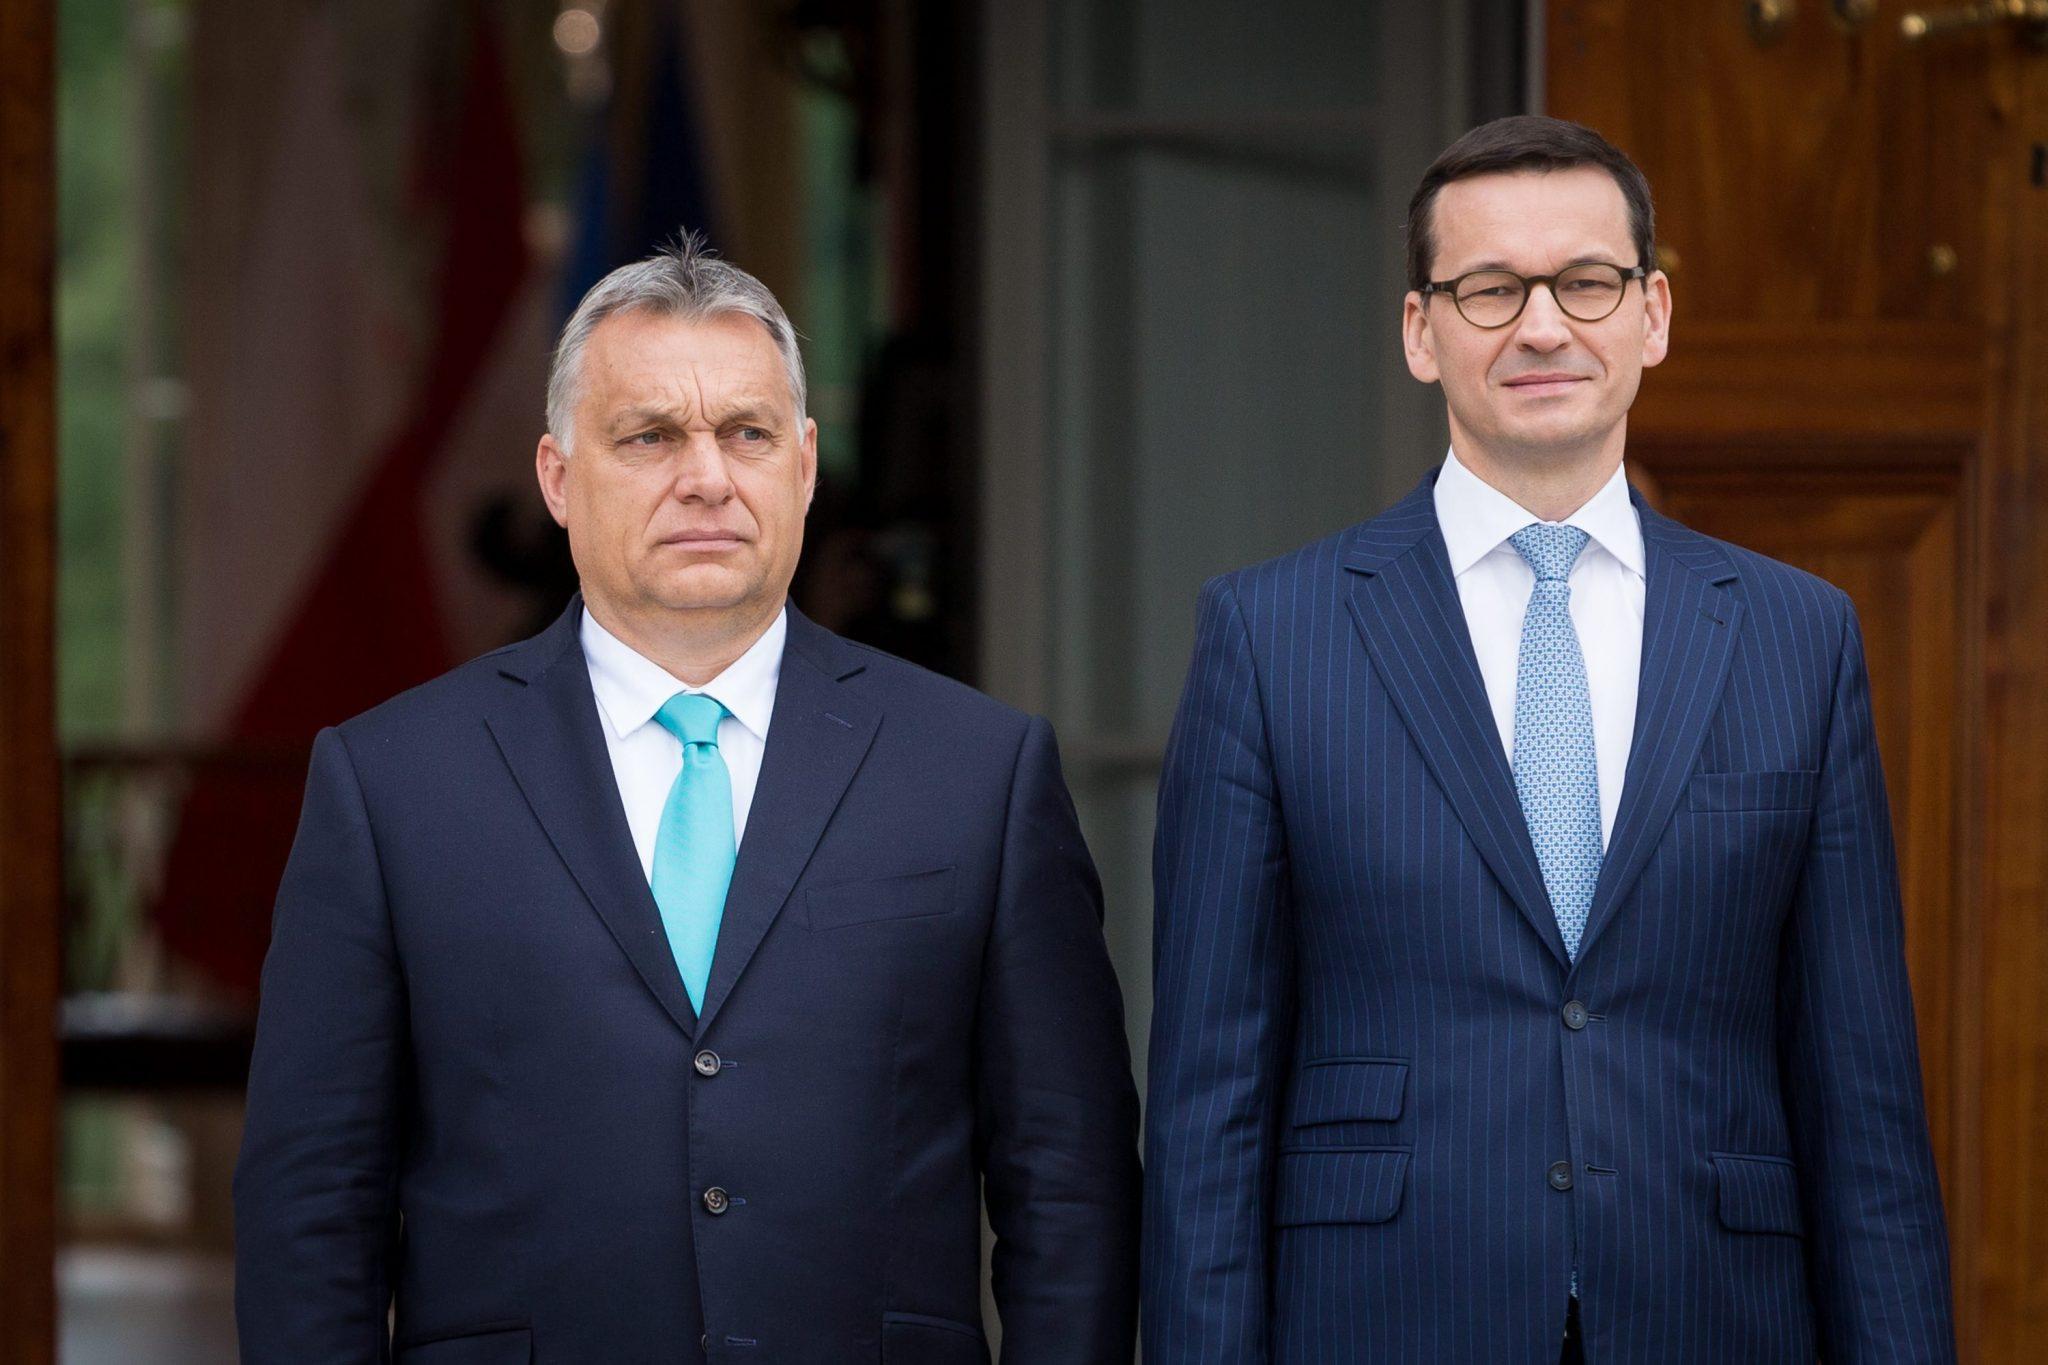 Die Regierungschefs von Ungarn und Polen, Viktor Orbán (links) und Mateusz Morawiecki.